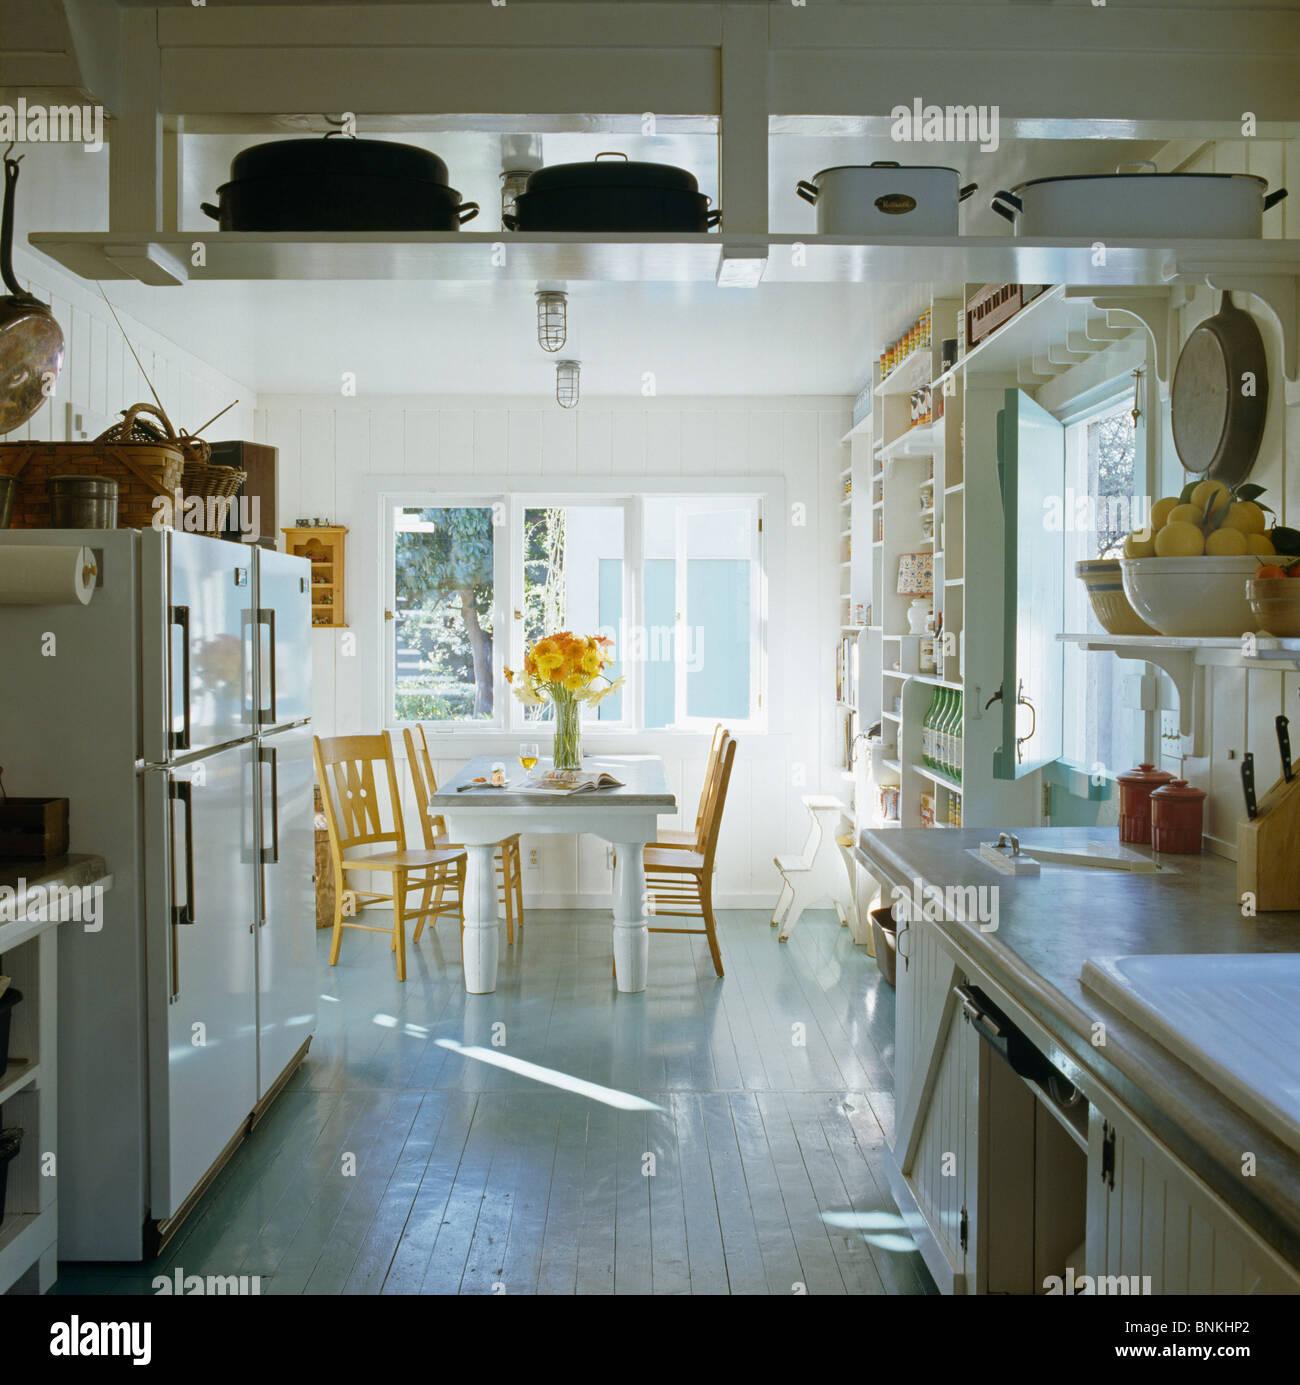 Ripiani sospesi dal soffitto in bianco cucina sala da pranzo con un grande frigorifero freezer e - Ripiani interni cucina ...